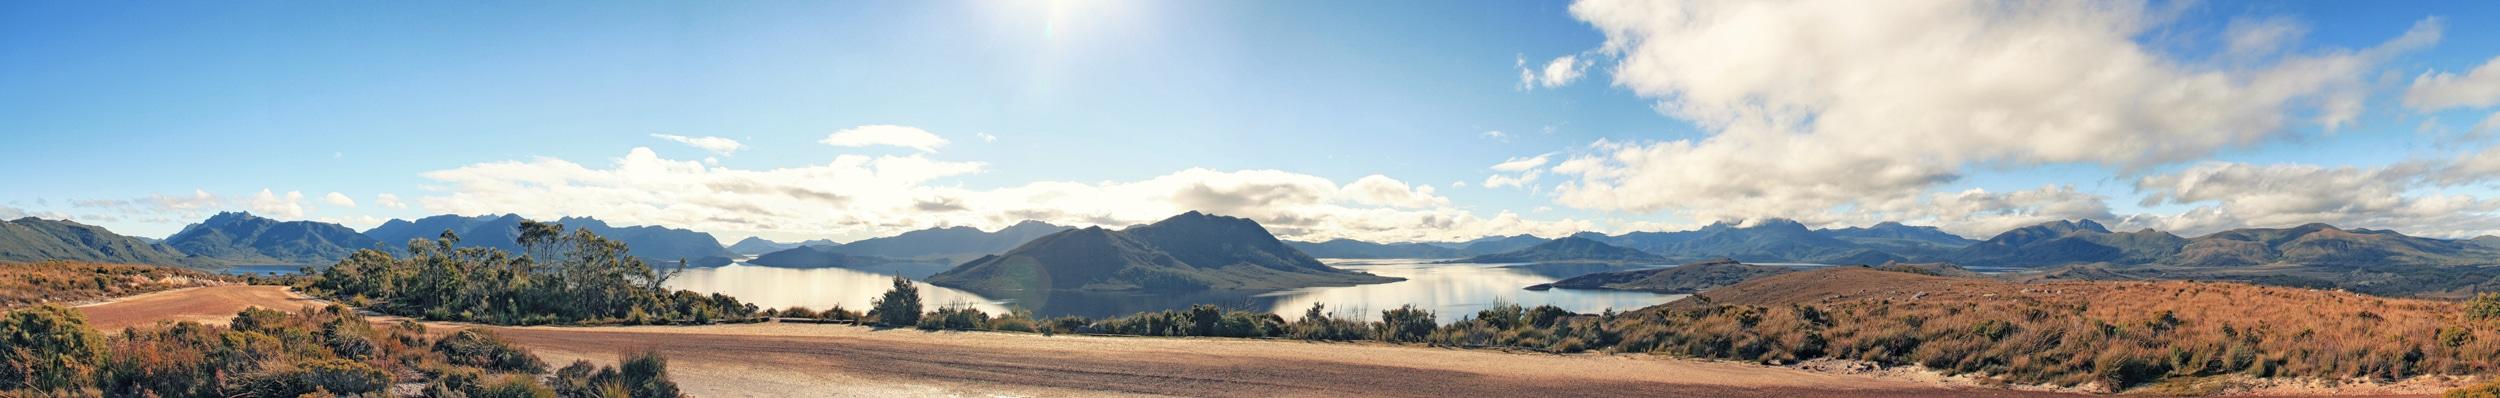 Tasmania_Panorama3